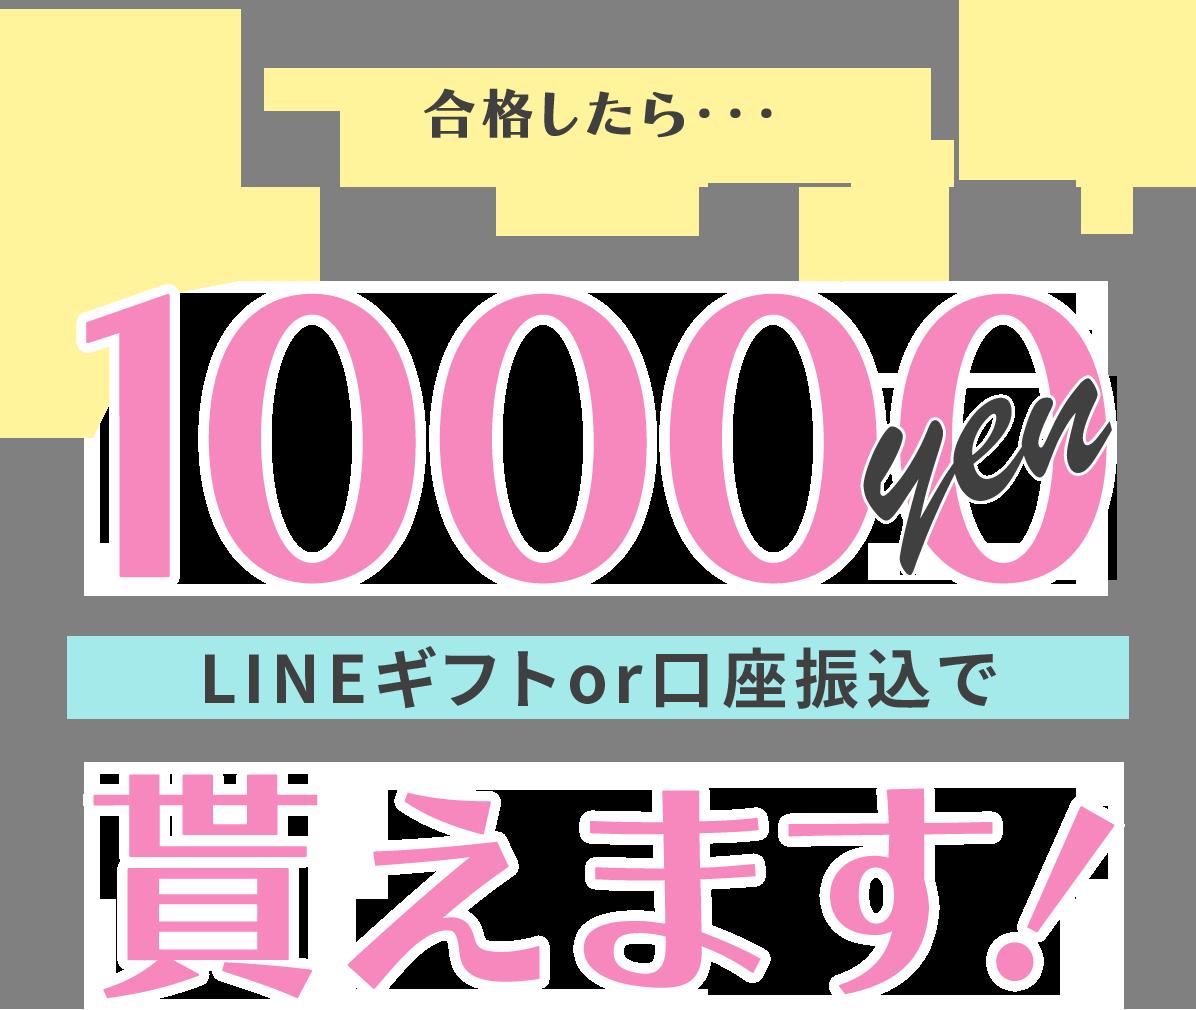 合格したら10000円貰えます